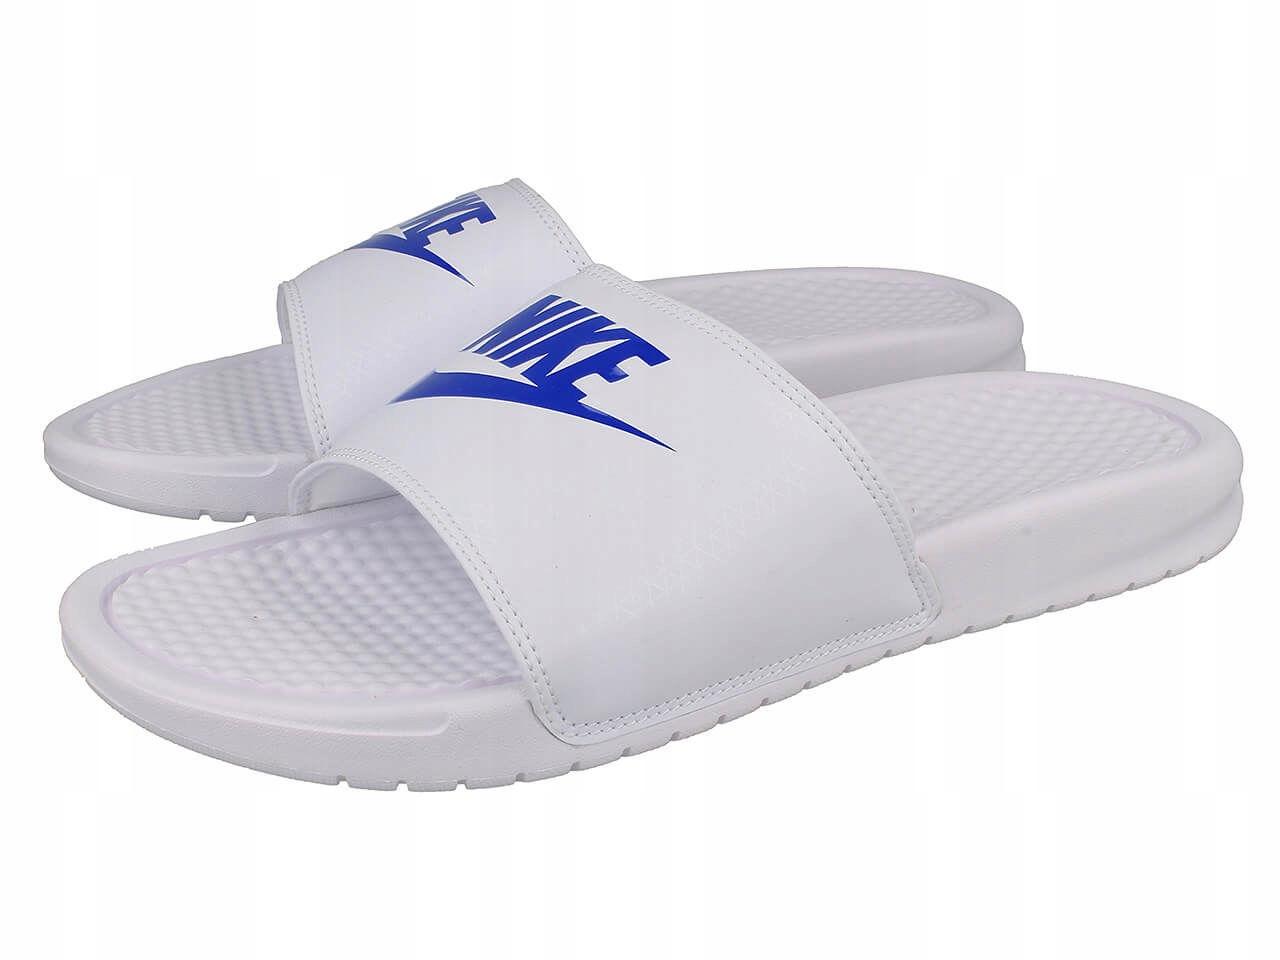 Klapki Nike Benassi JDI 343880-102 # 41